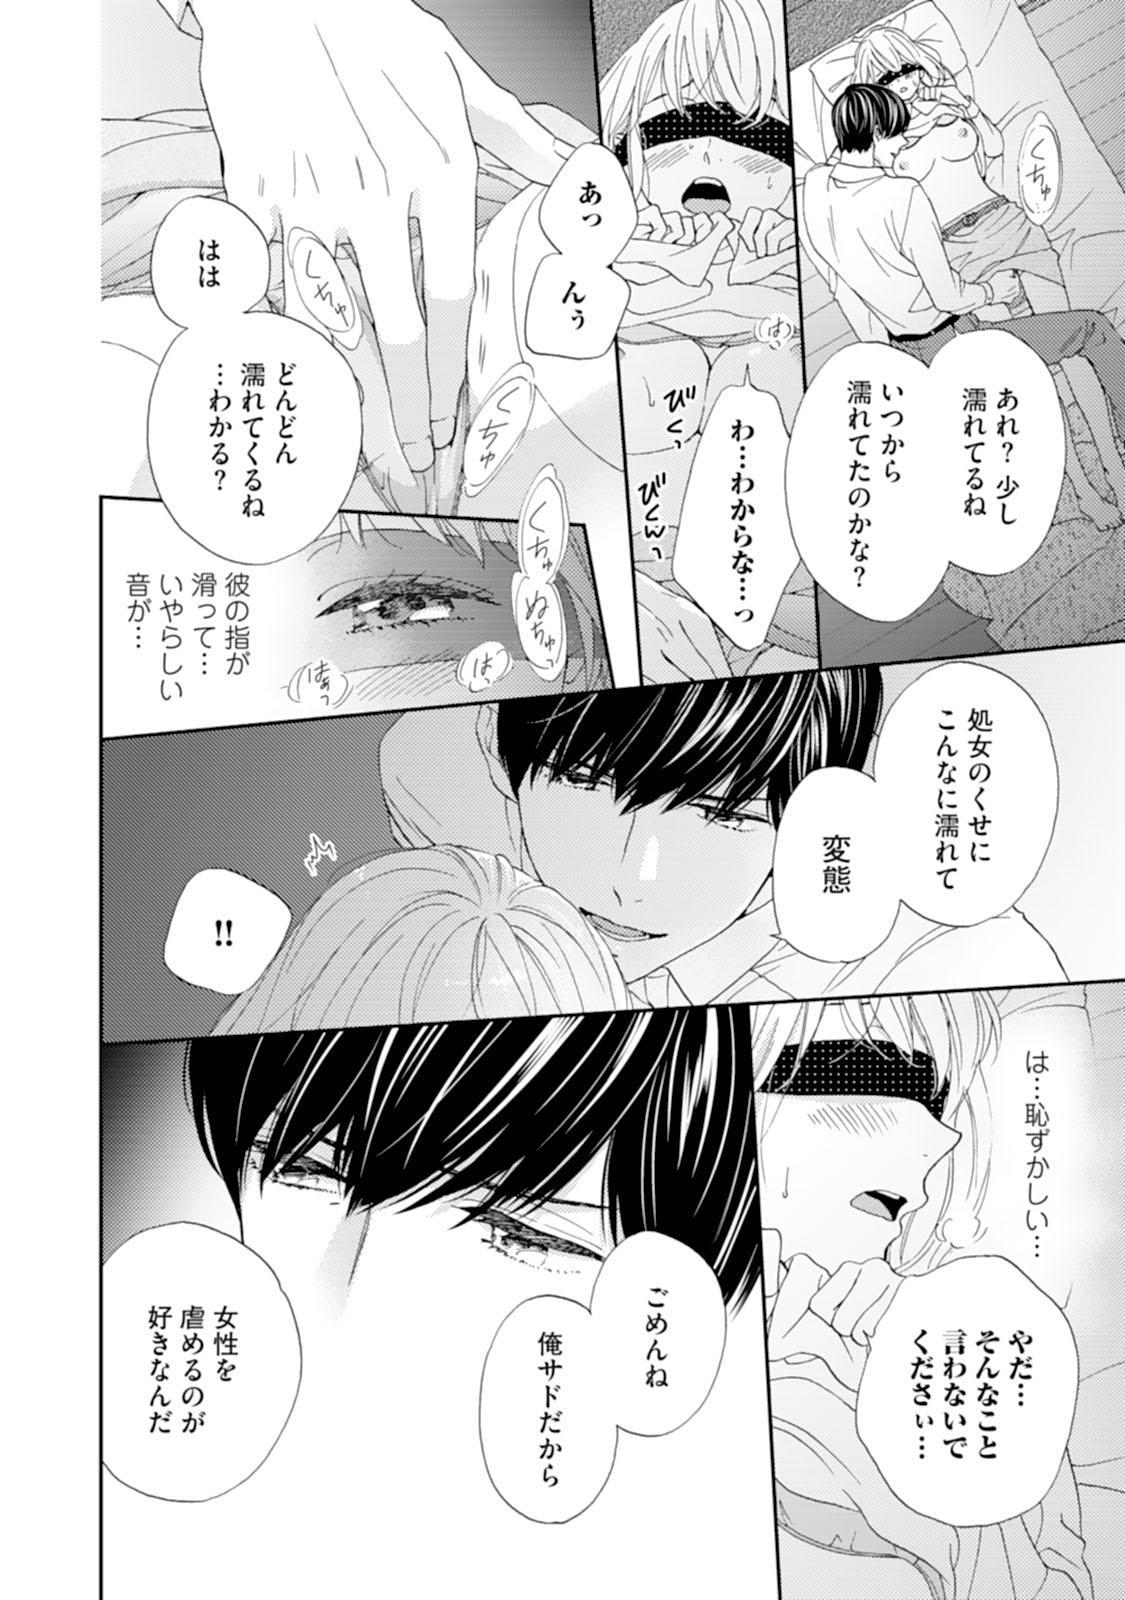 [Adumi Yuu] Choukyou-kei Danshi Ookami-sama to Koneko-chan Ch. 1-3 48